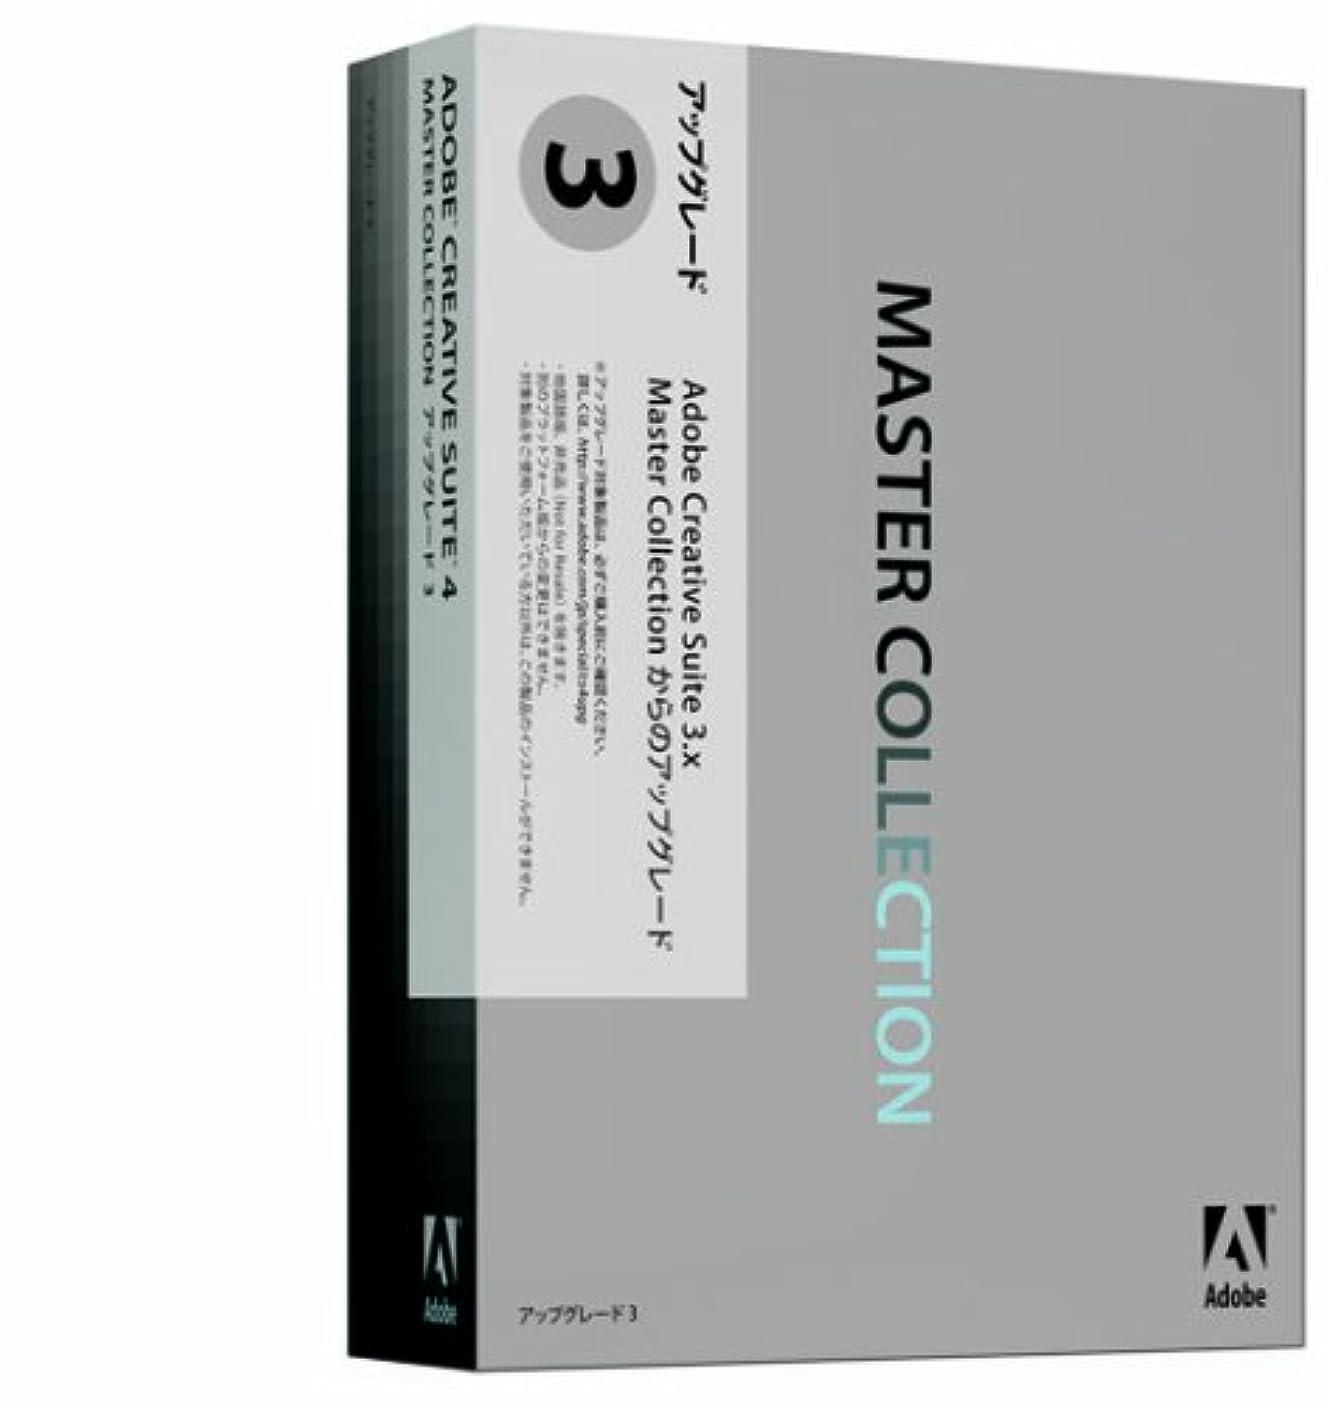 歴史不一致不一致Adobe Creative Suite 4 Master Collection 日本語版 アップグレード版3 (FROM CS3) Windows版